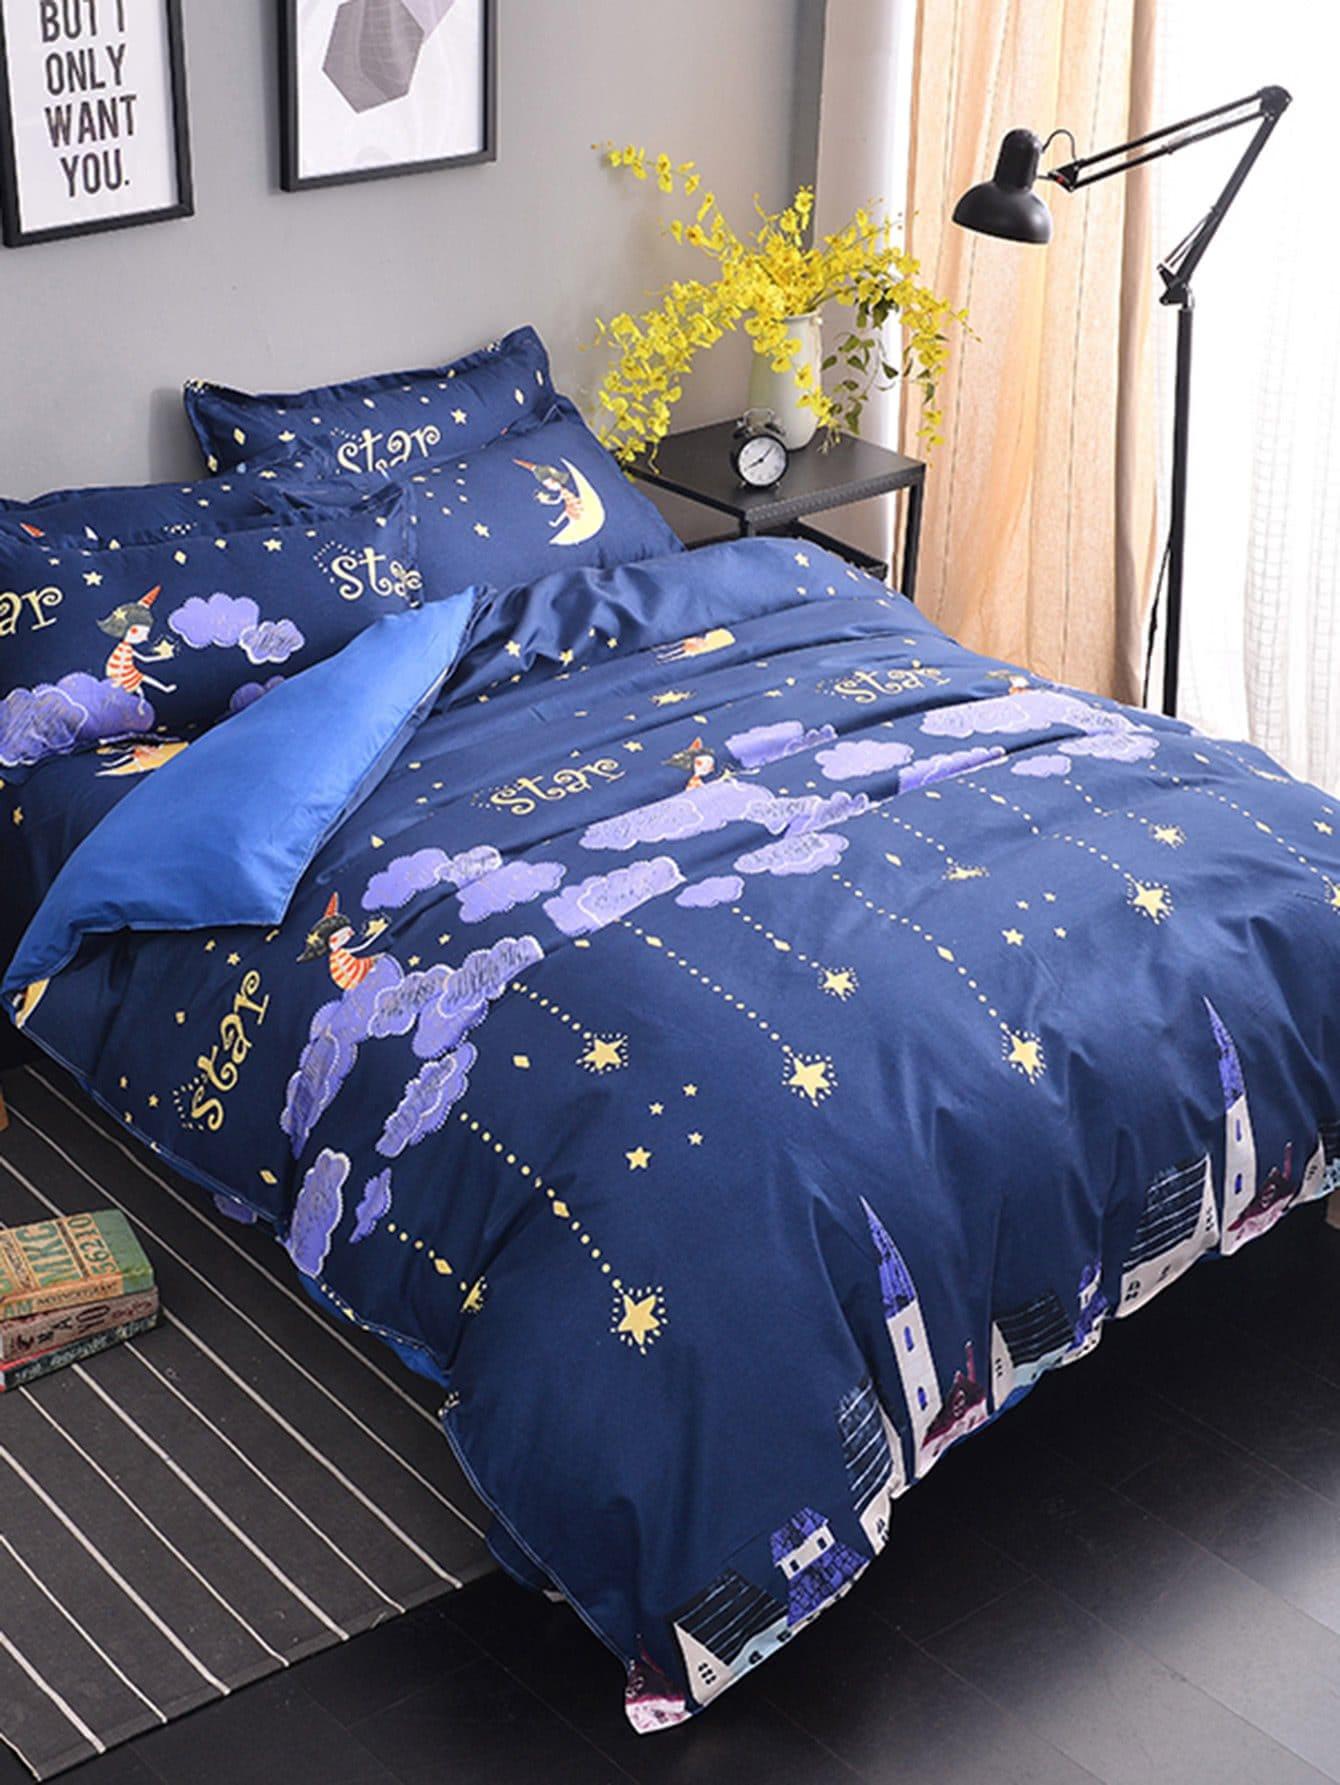 Купить Комплект для кровати с принтом звезды и облака, null, SheIn